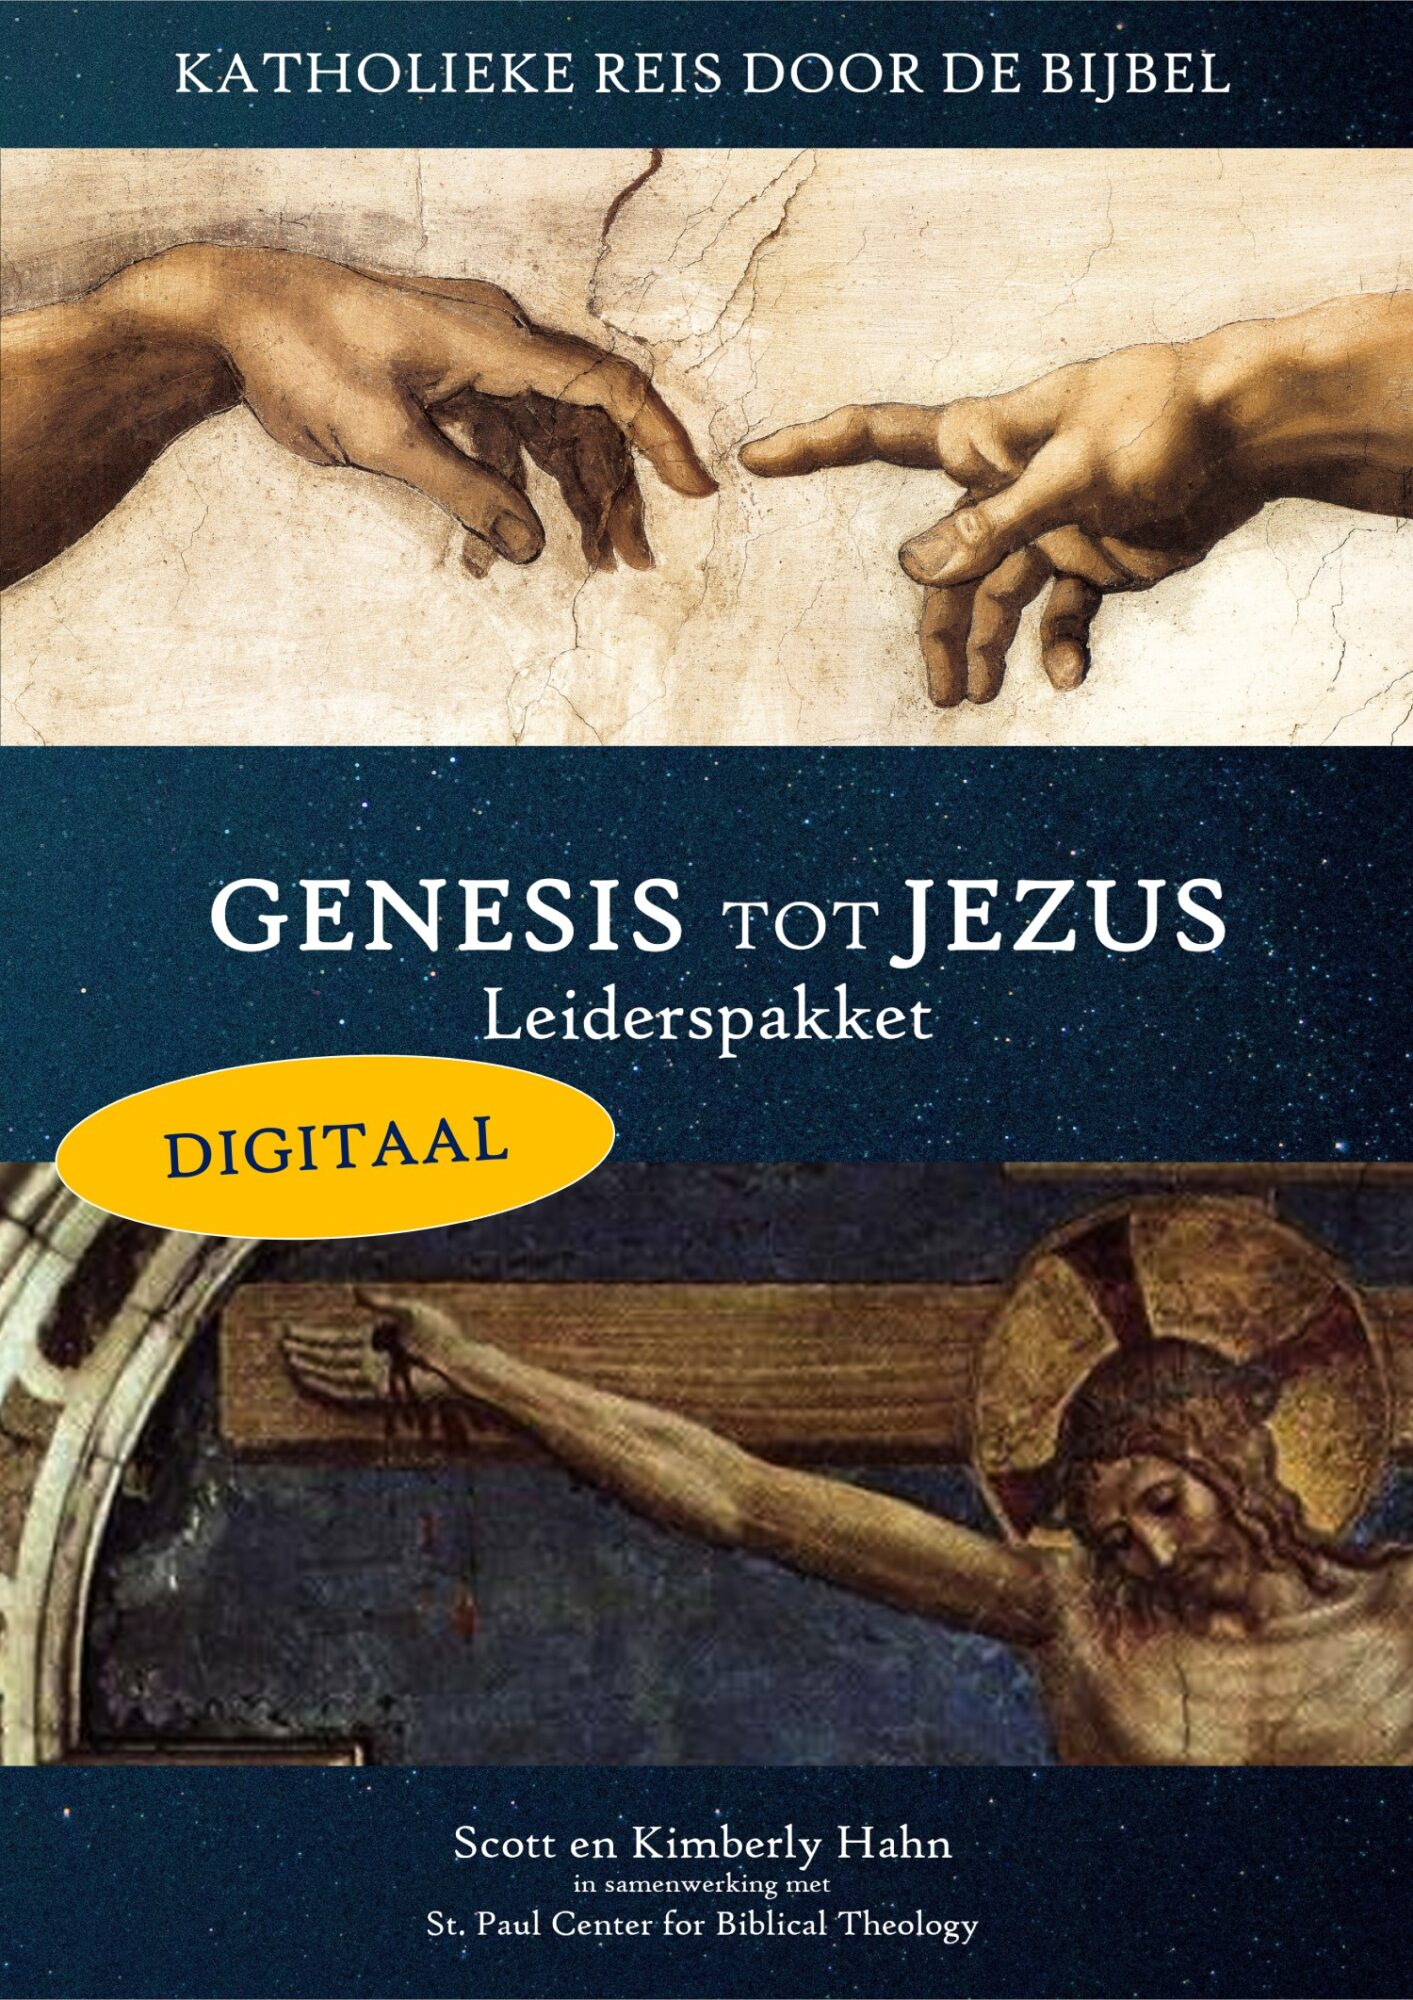 Bijbelcursus Genesis tot Jezus van het St. Paulus instituut